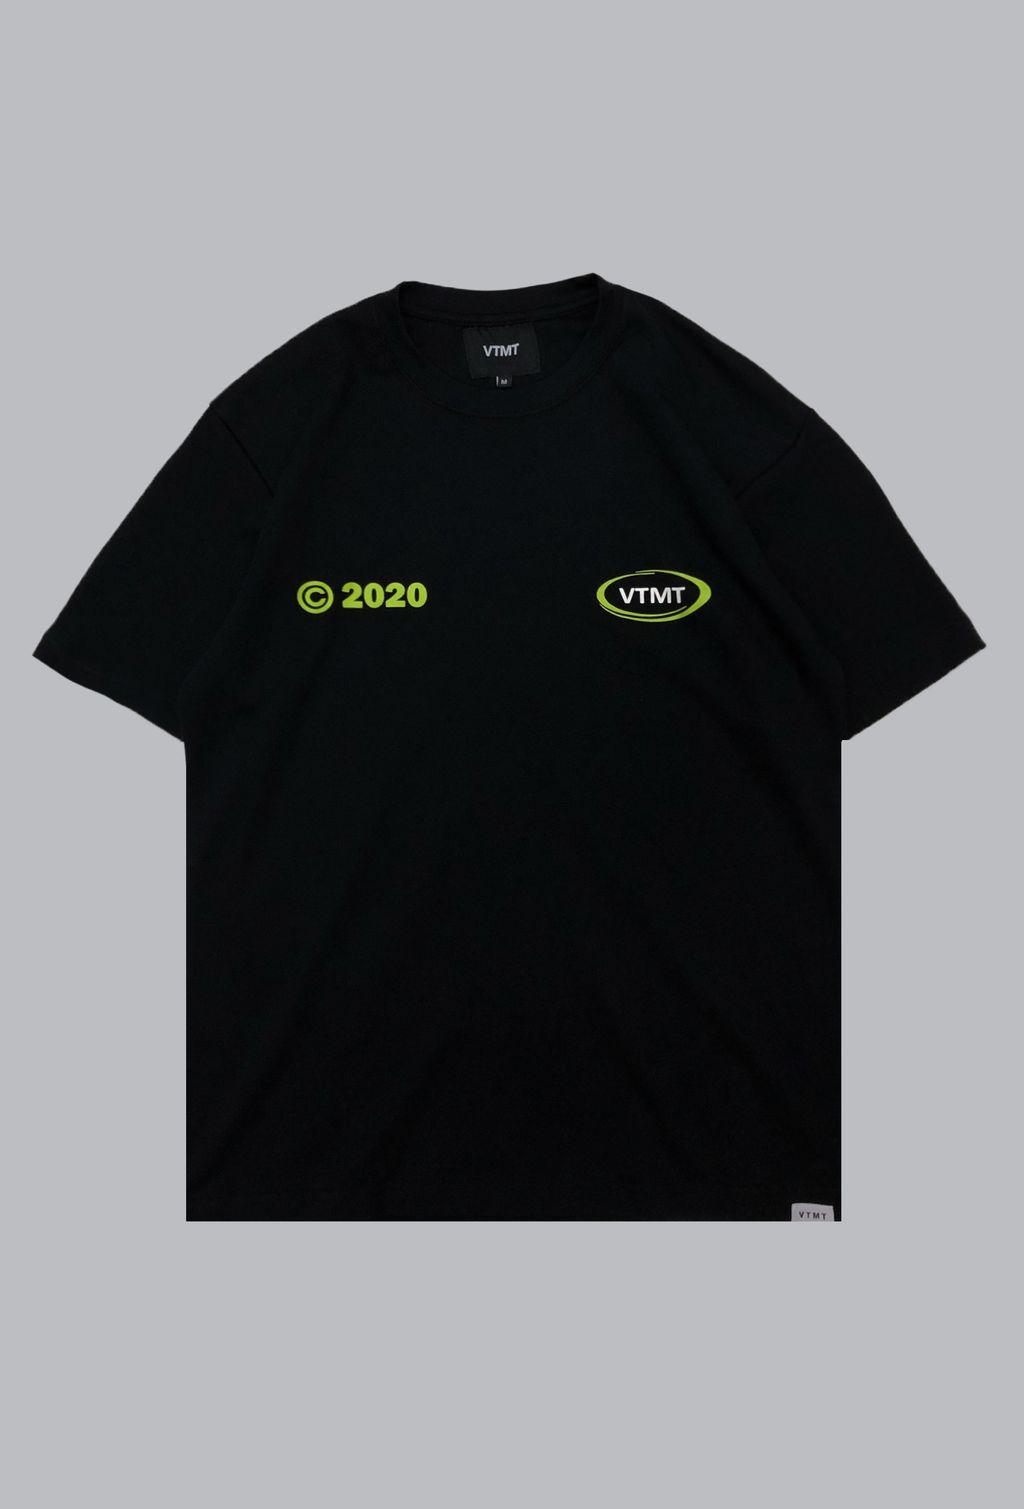 2020 VTMT Front Web-01.jpg